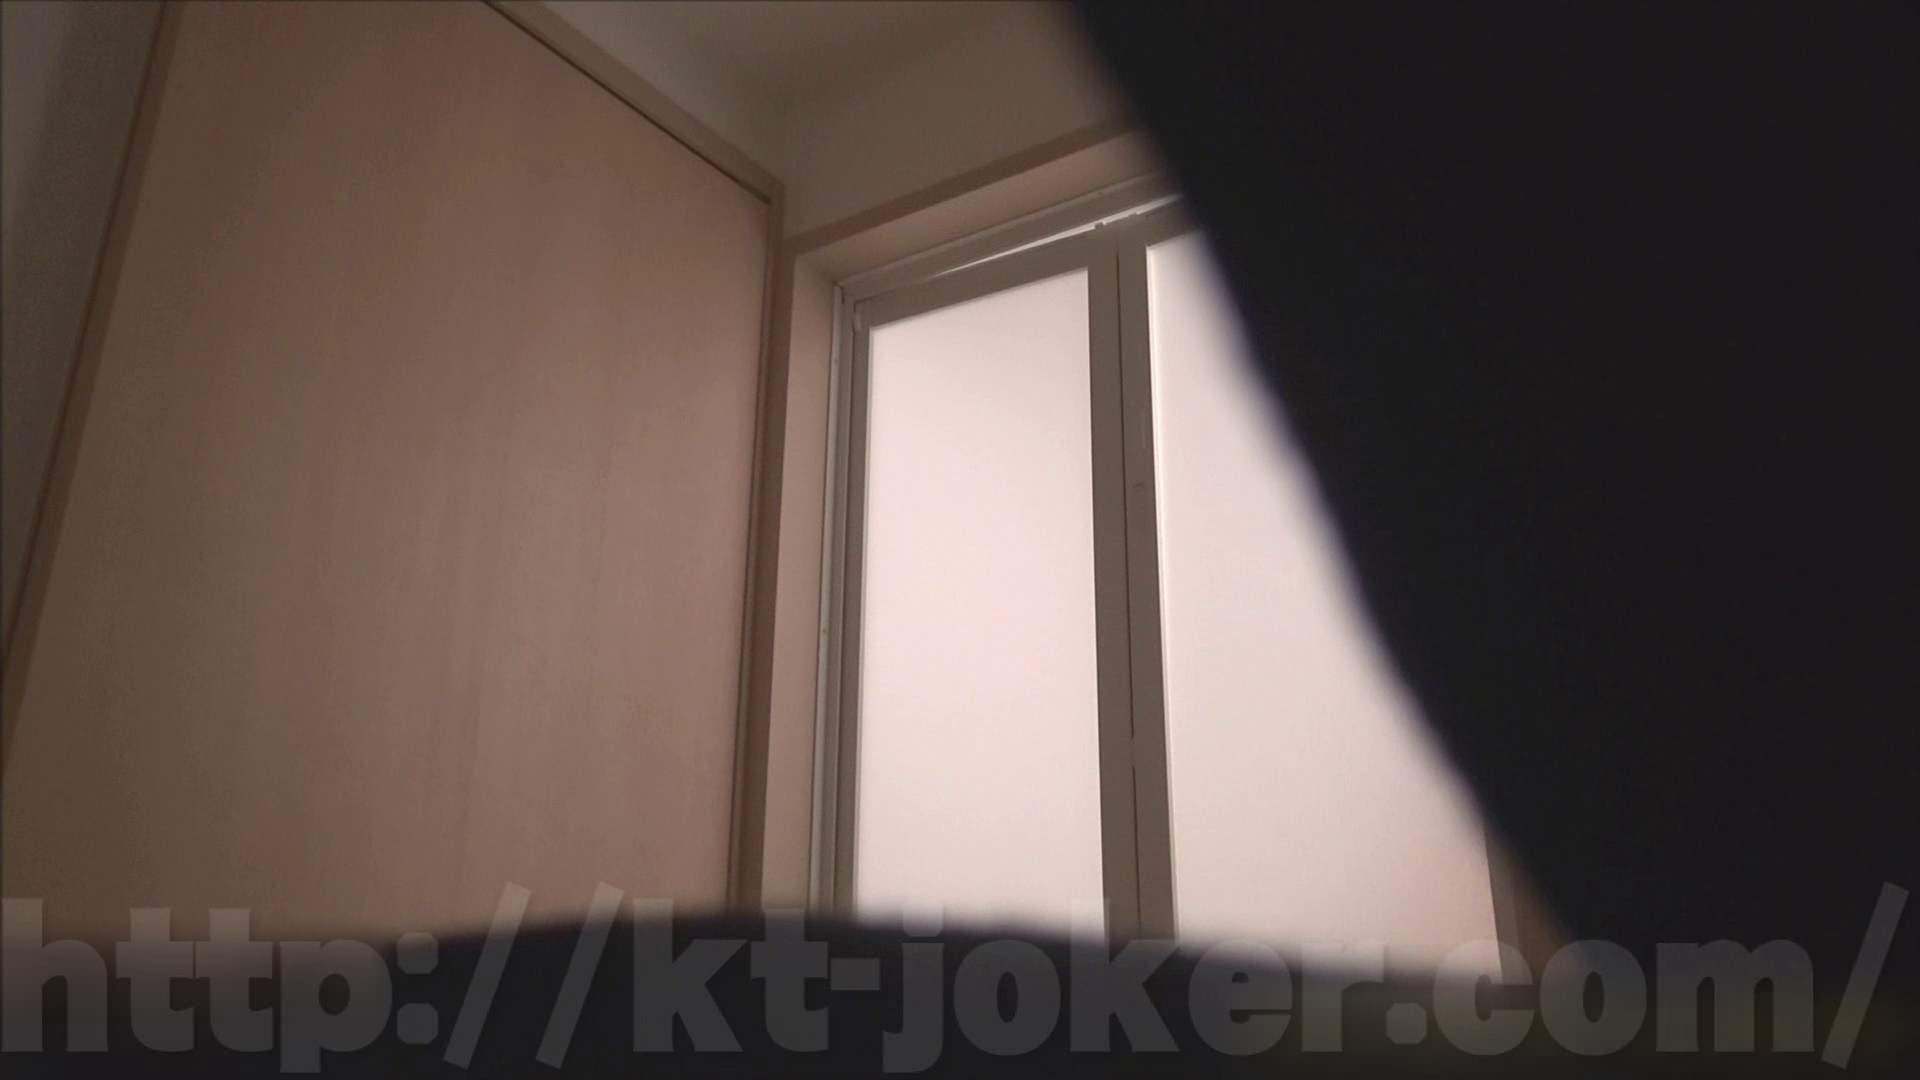 イ・タ・ズ・ラ劇場 Vol.46 キャバ嬢のエロ生活 われめAV動画紹介 108連発 63